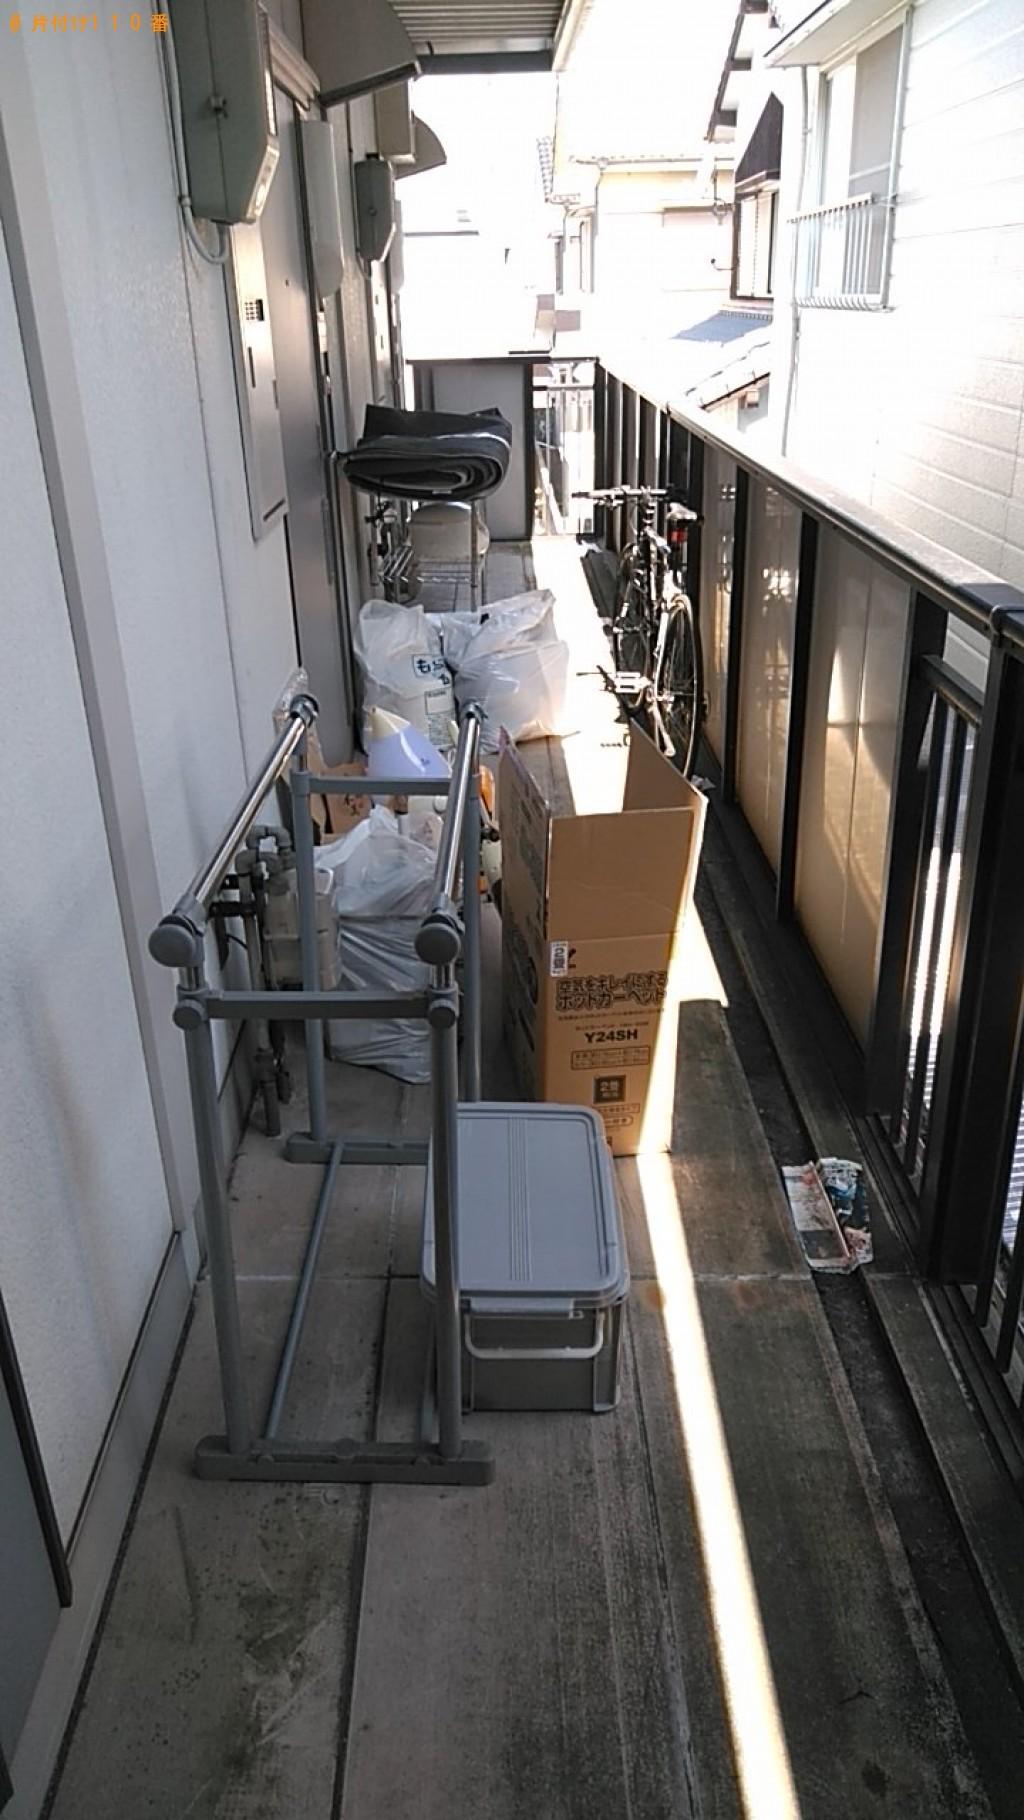 【名古屋】PCデスク、カーペット、ラック、家具、小型家電等の回収